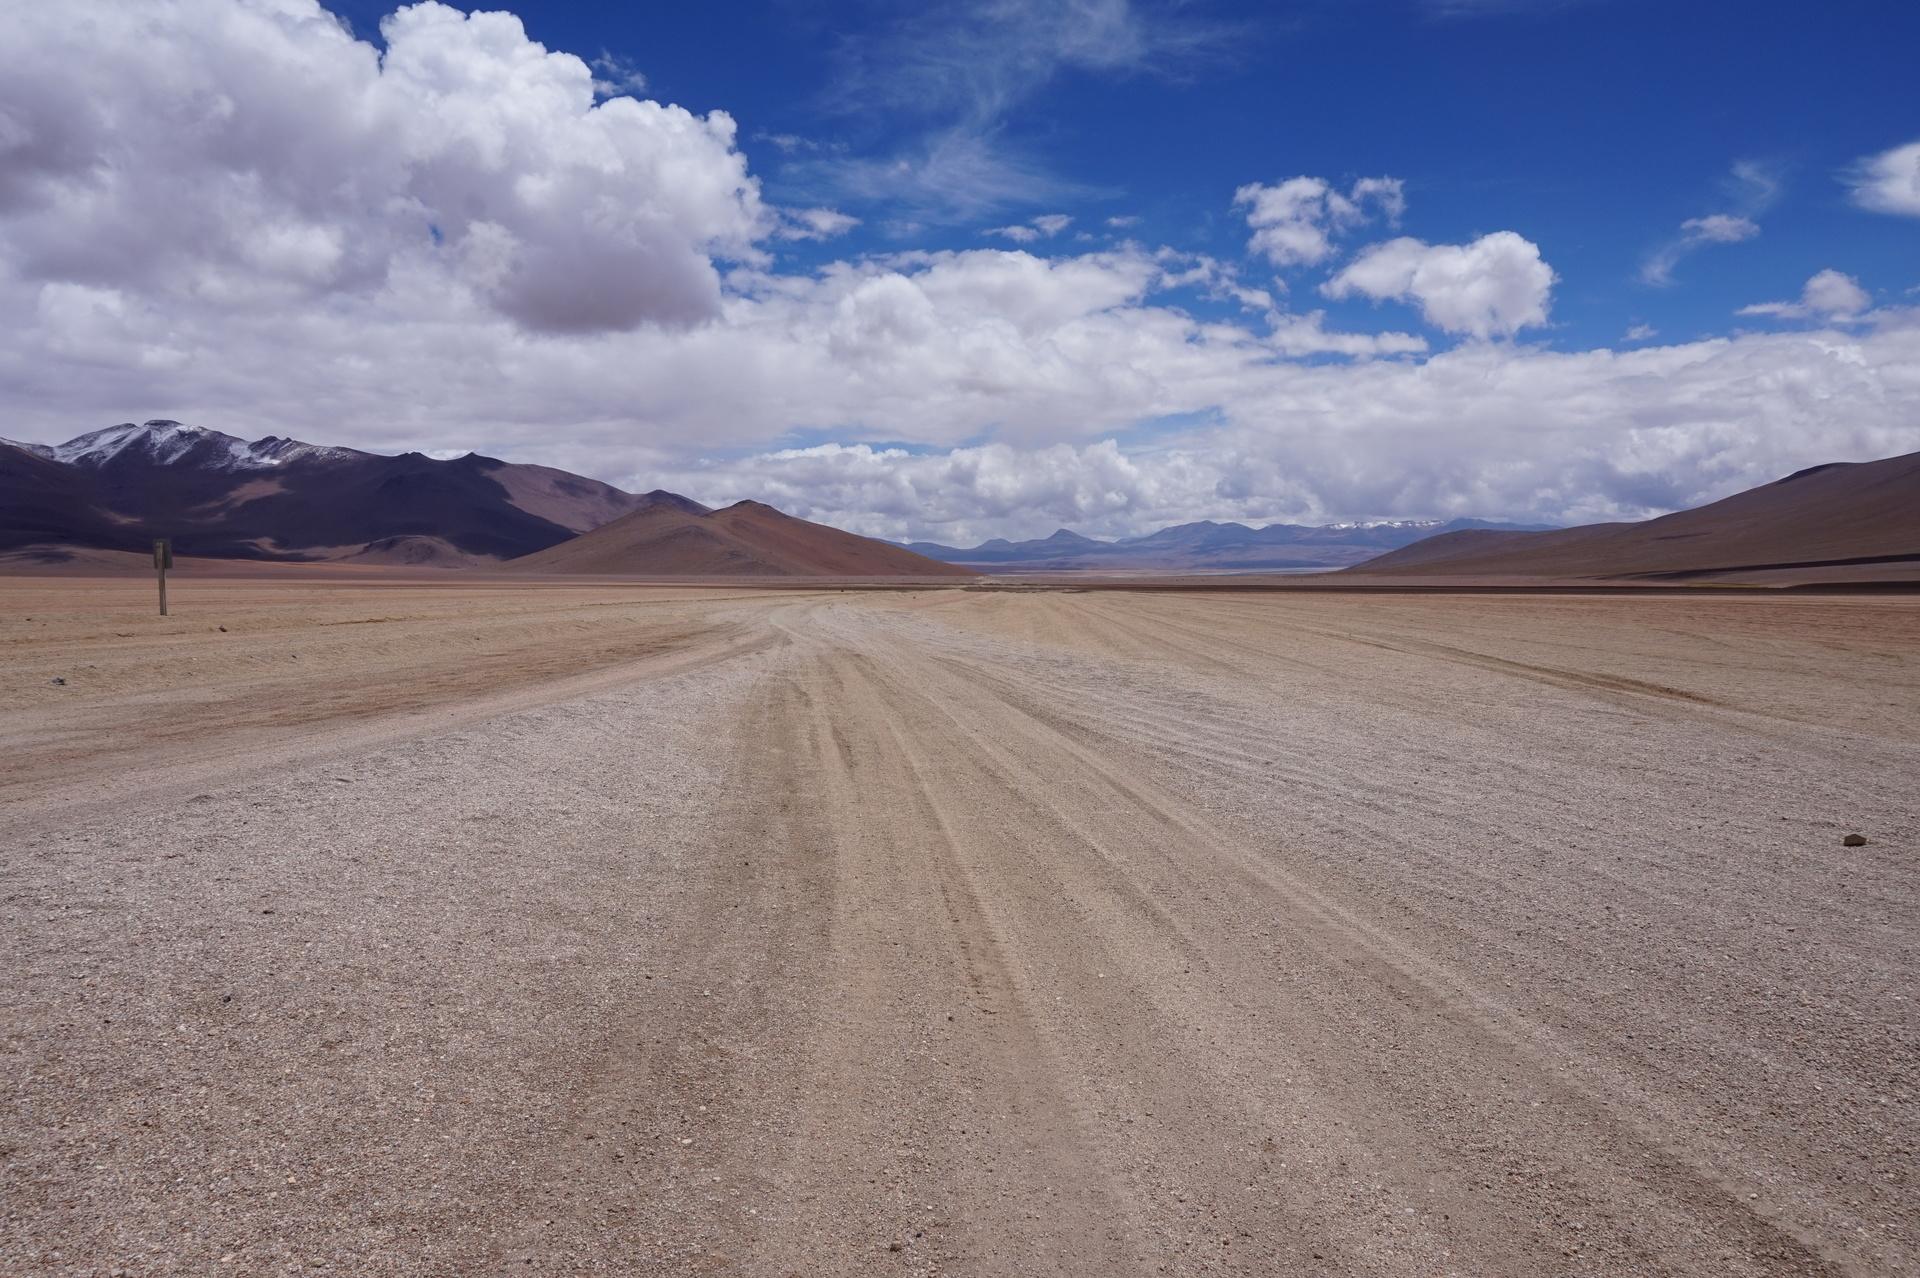 チリ ボリビア ウユニ旅行 2泊3日ツアー ダリ砂漠